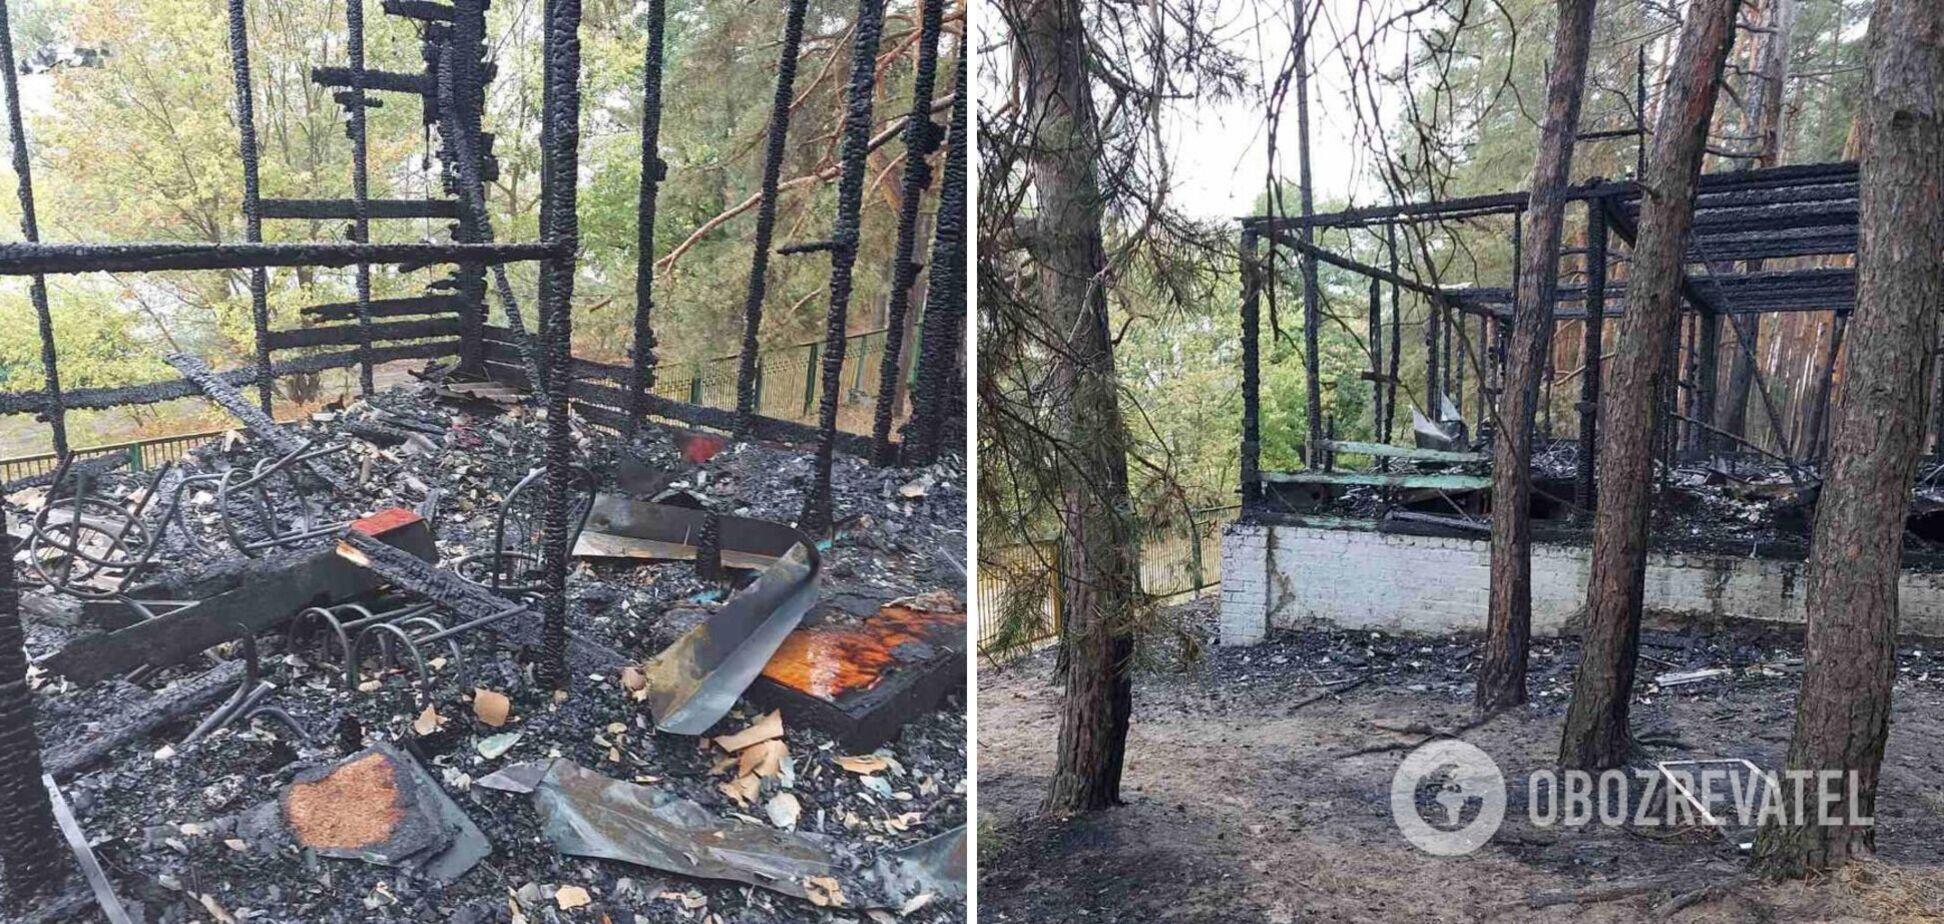 Под Харьковом произошел пожар на базе отдыха, есть пострадавшие. Фото